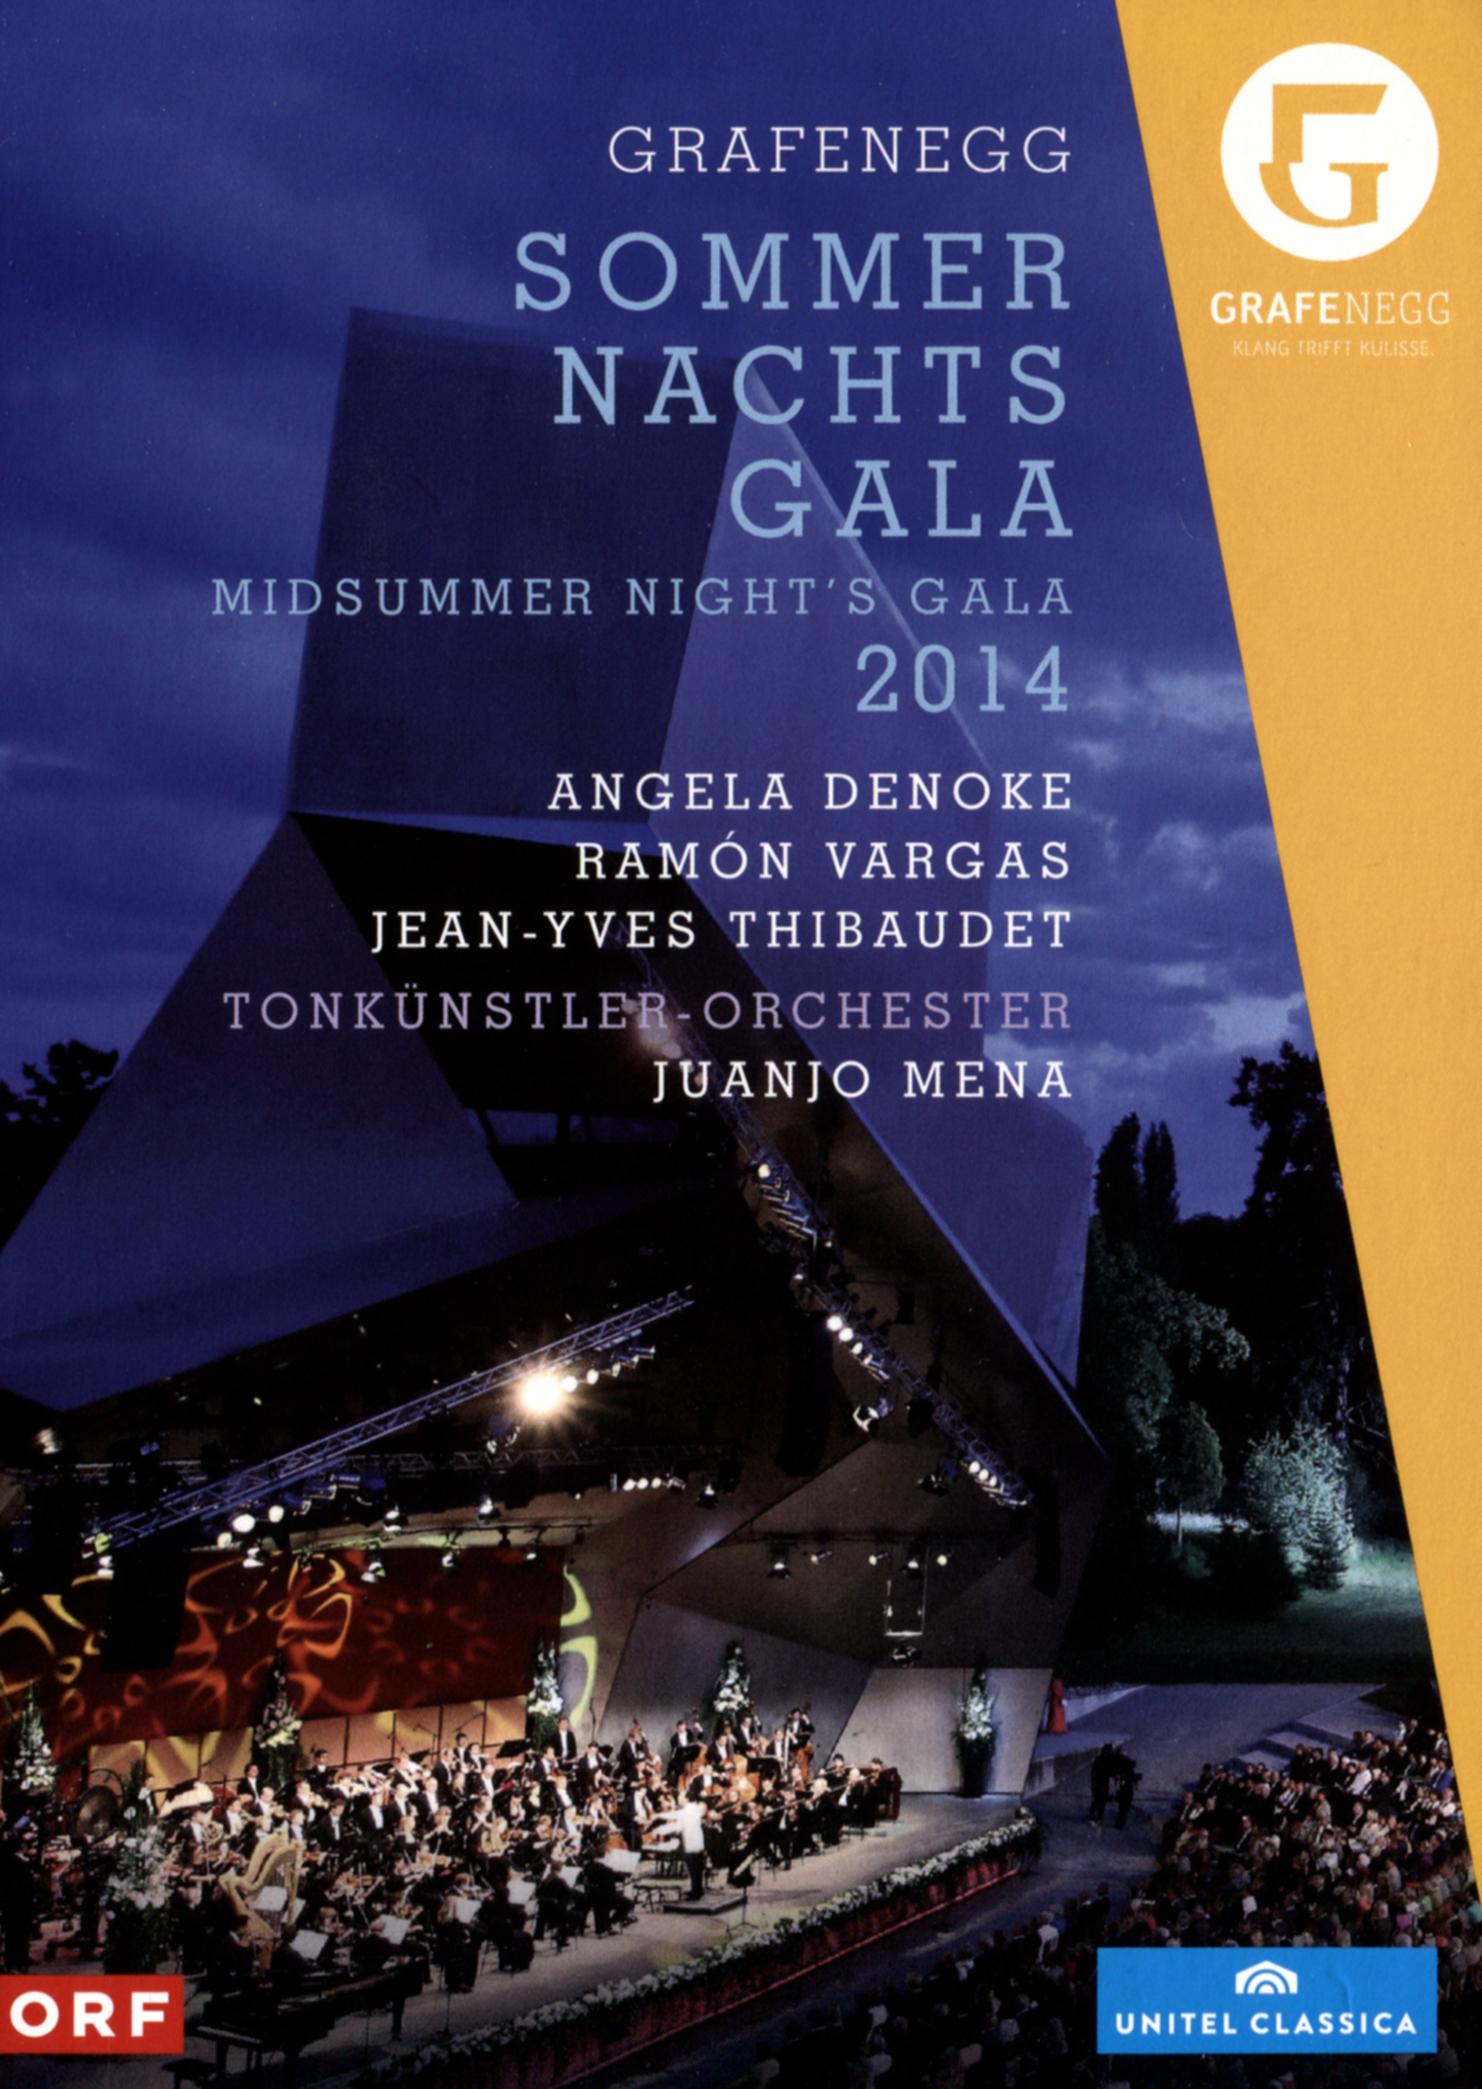 Midsummer Night's Gala 2014 (Grafenegg)